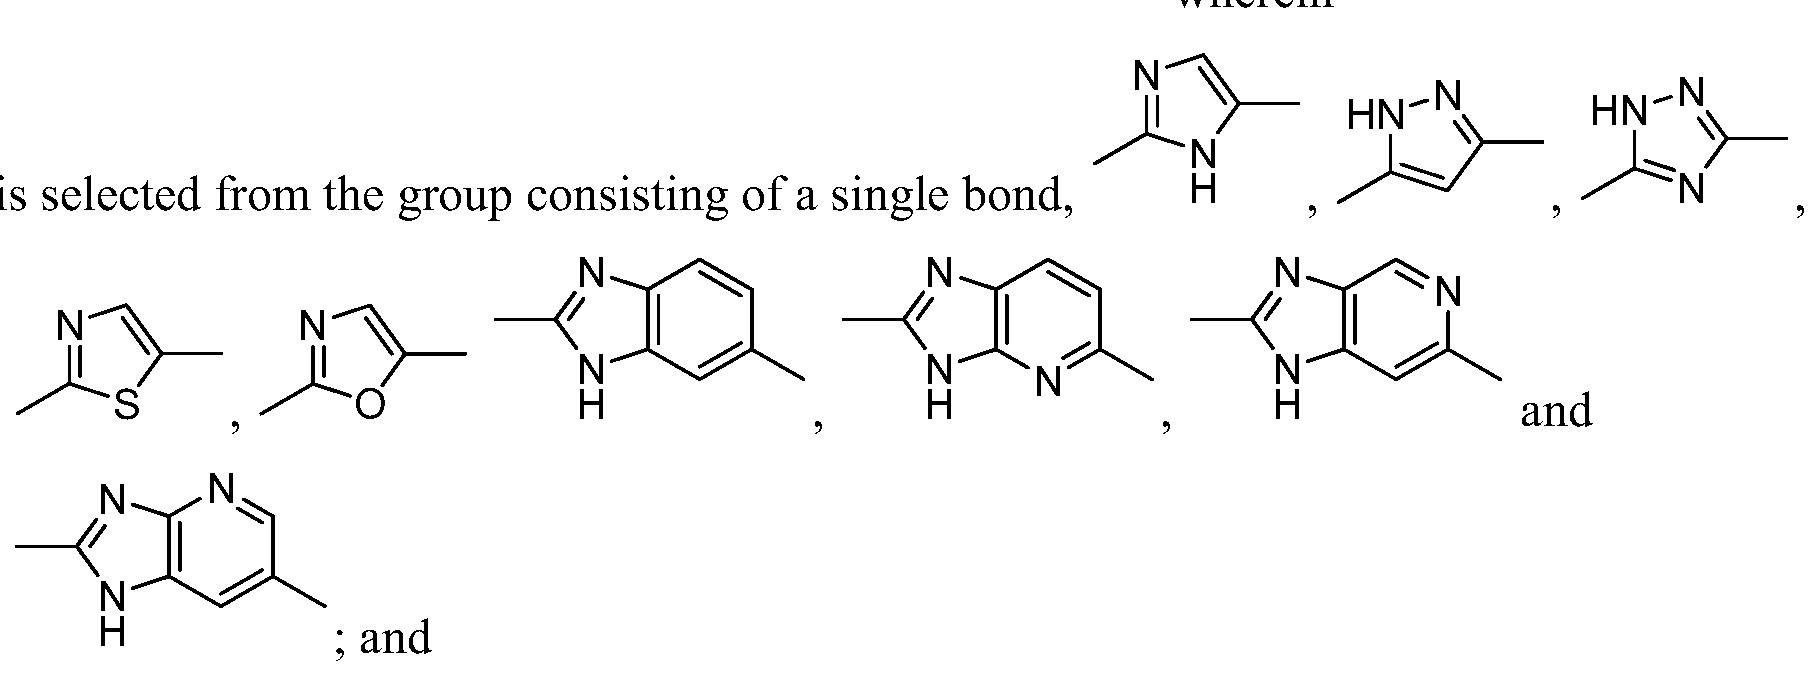 Figure imgf000080_0003